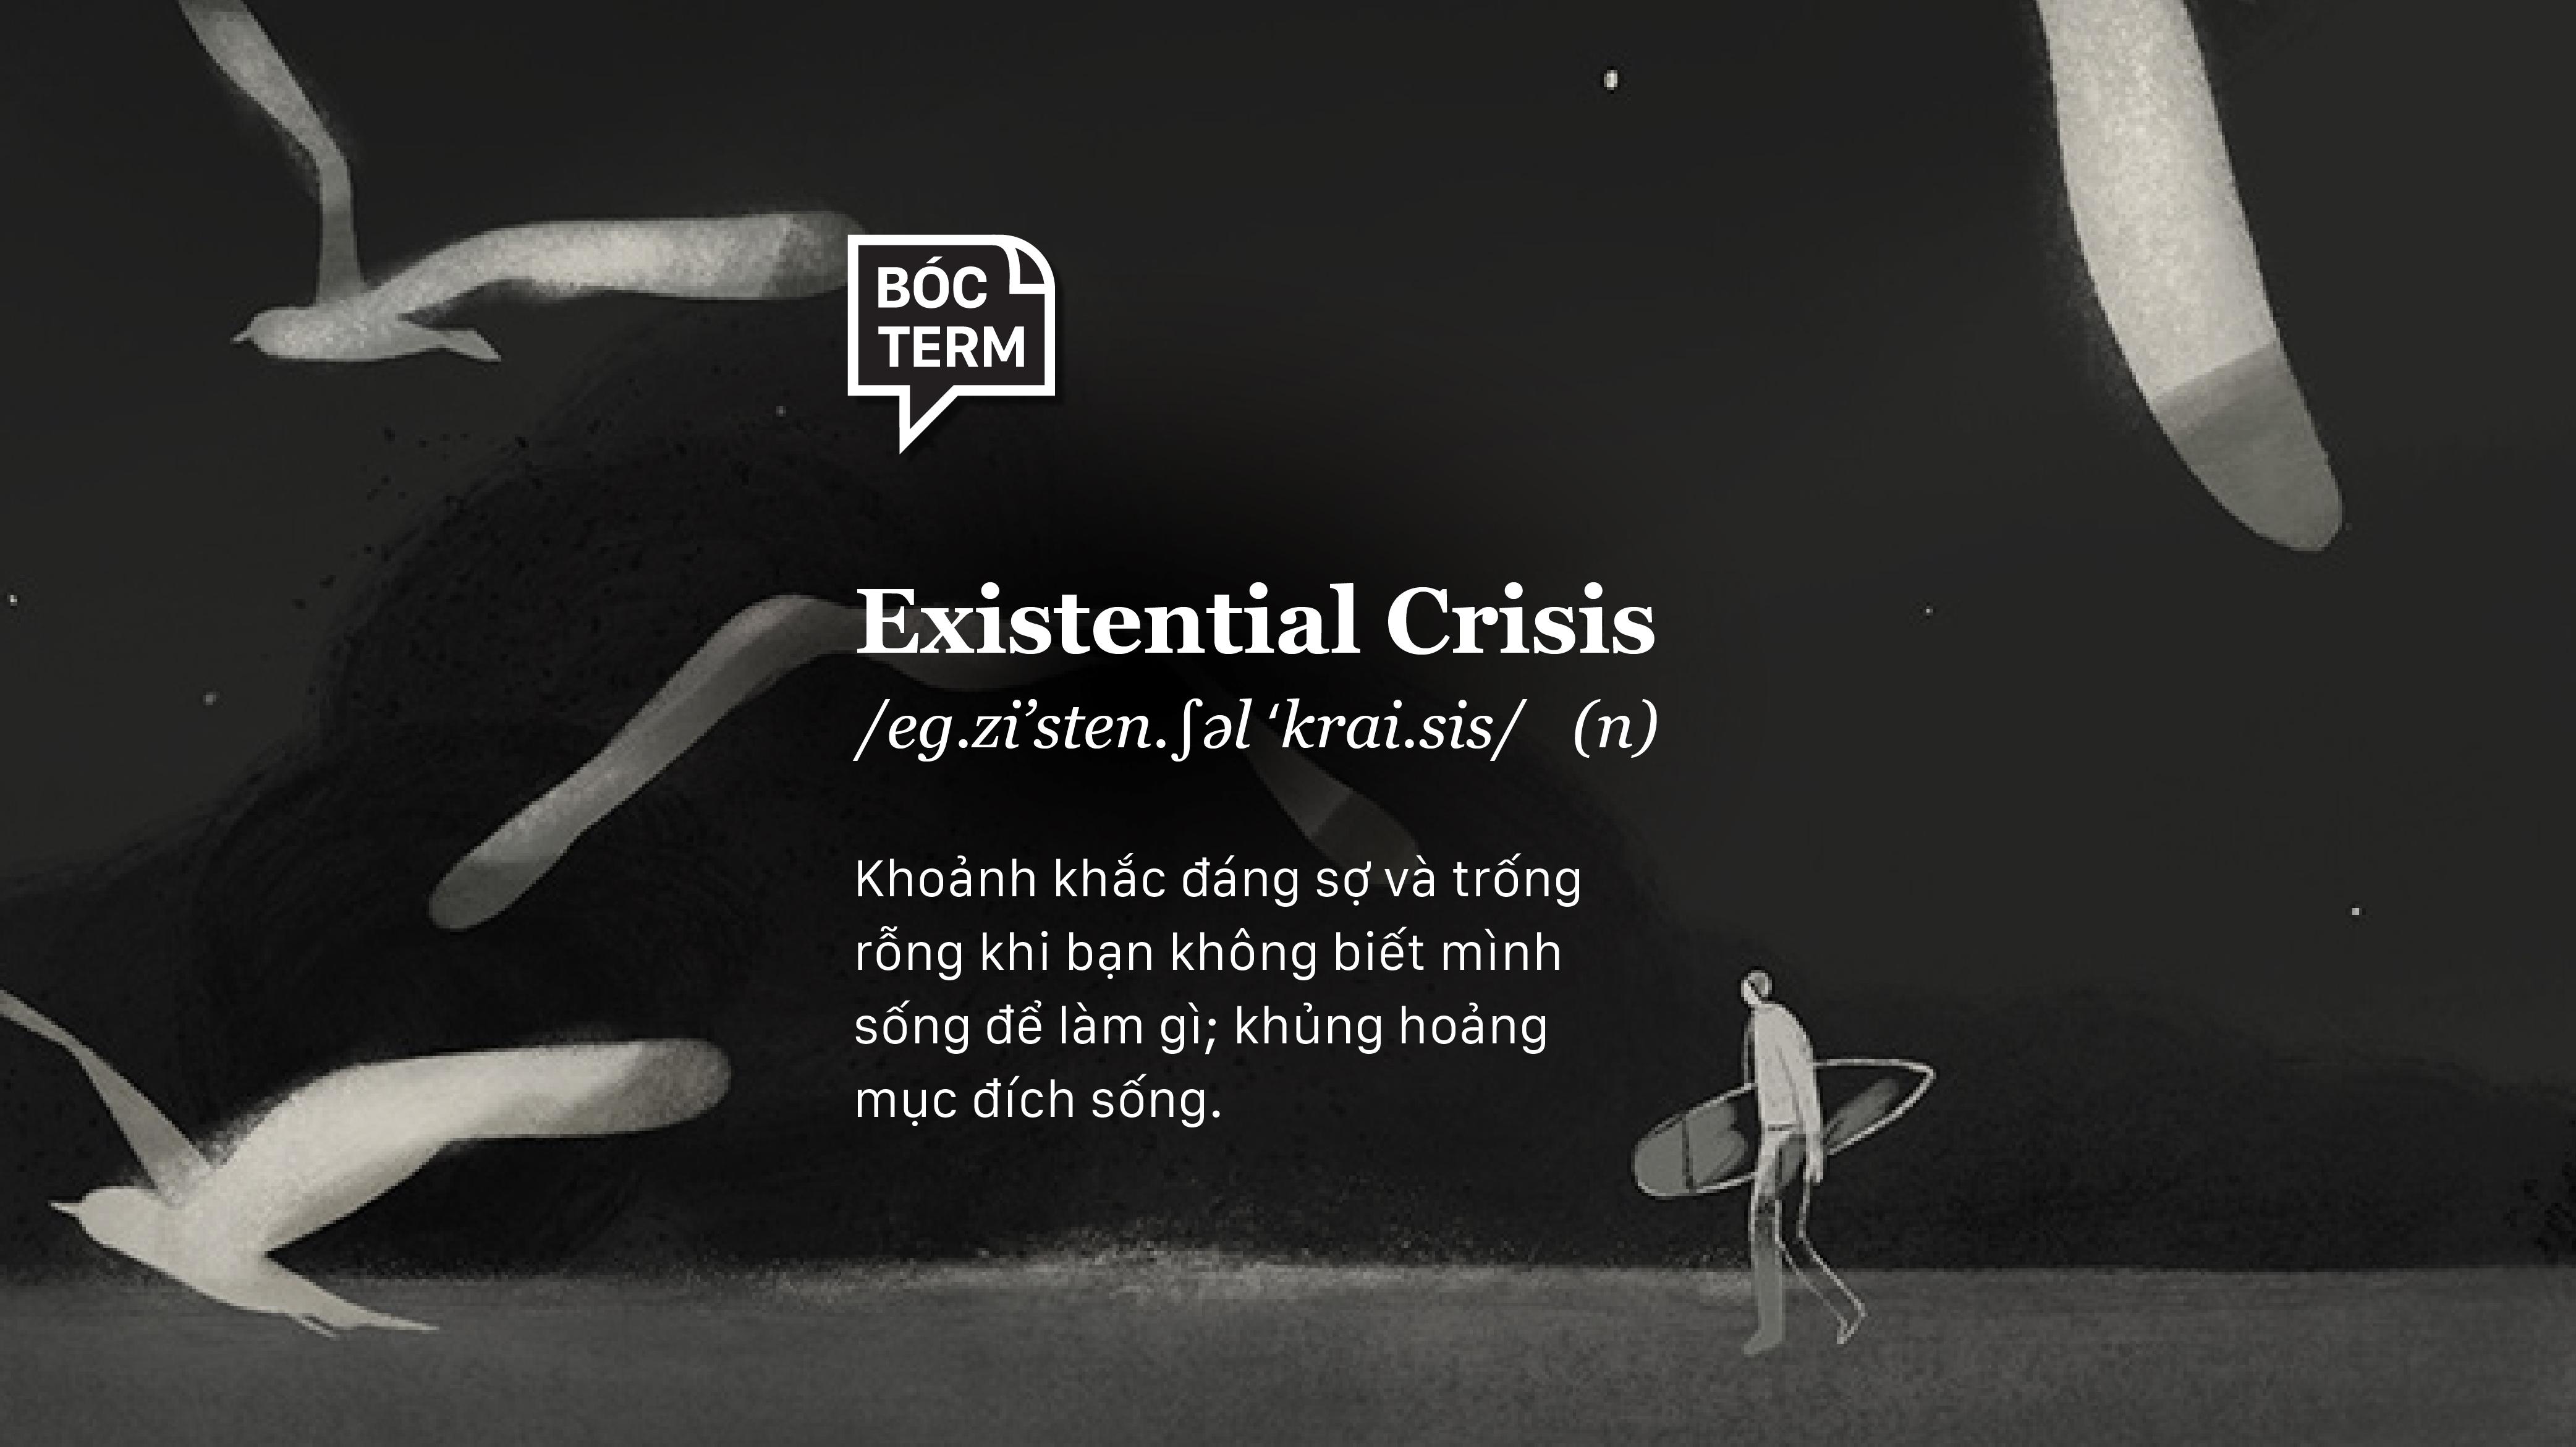 Bóc Term: Existential crisis là gì? Bạn có đang bị khủng hoảng mục đích sống?